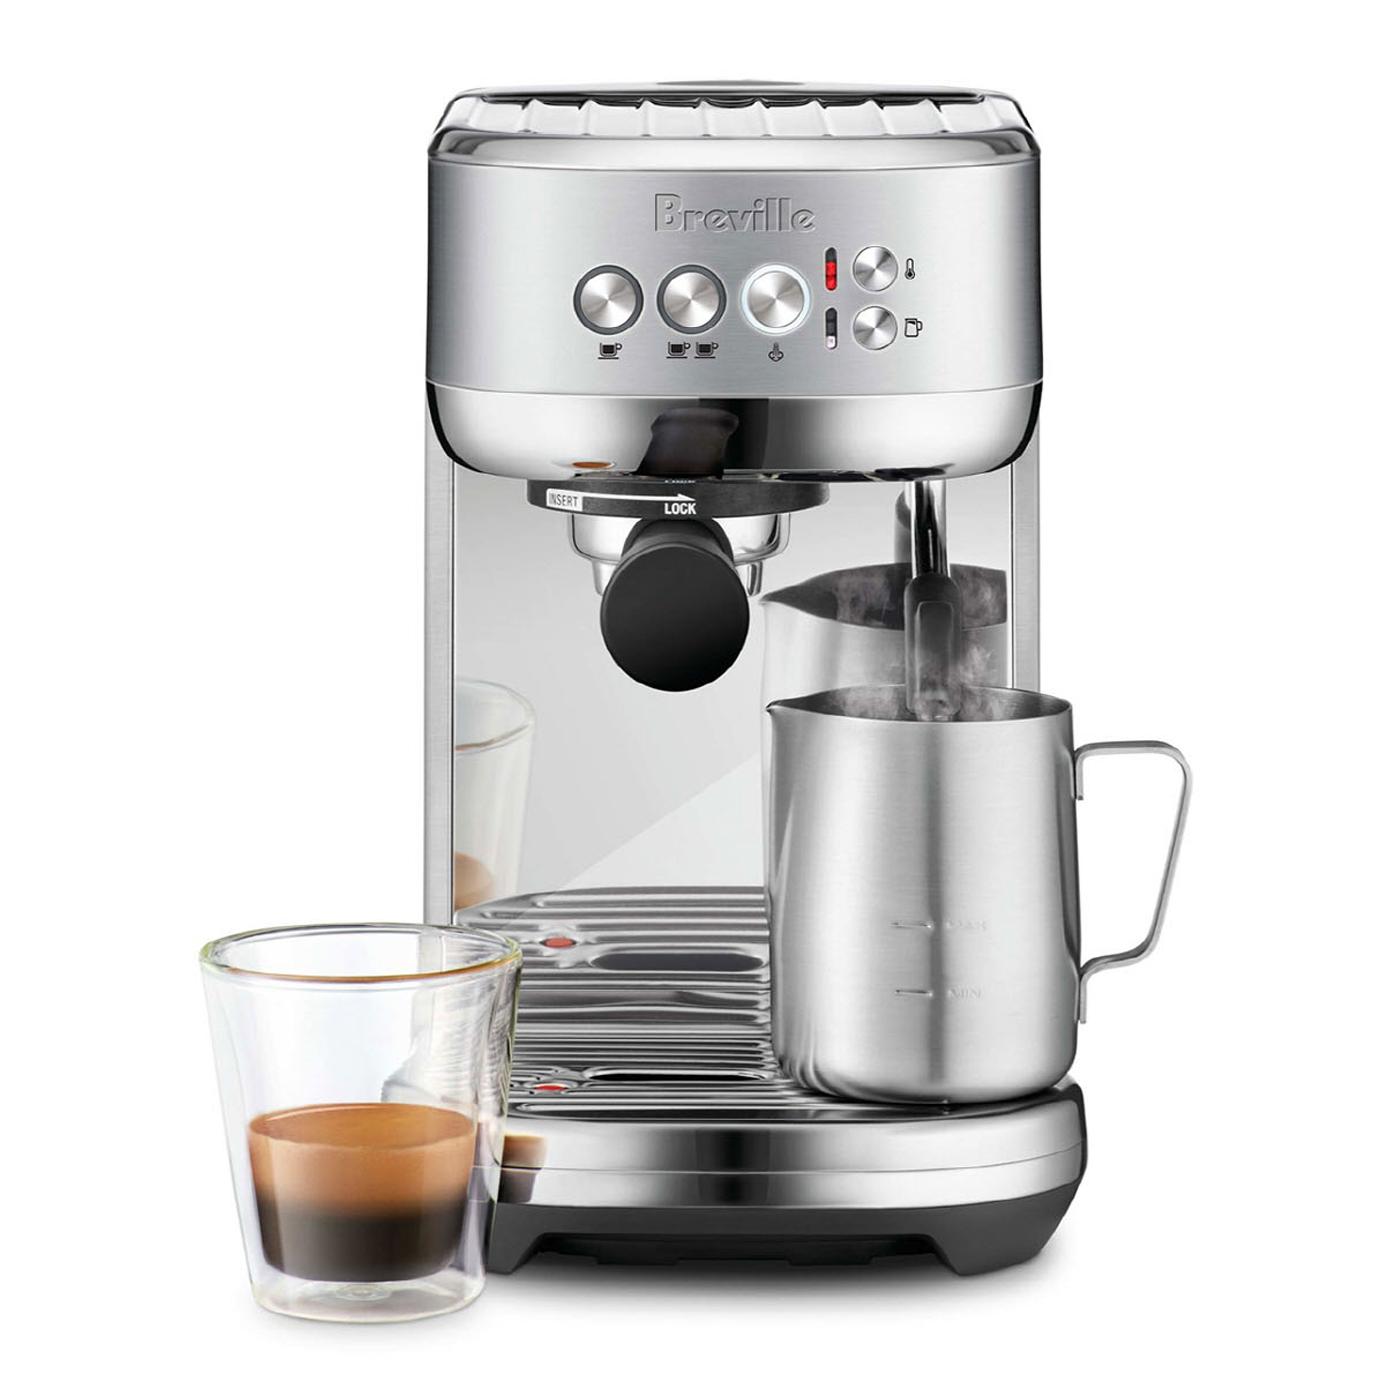 브레빌 밤비노 플러스 반자동 커피머신, BES500